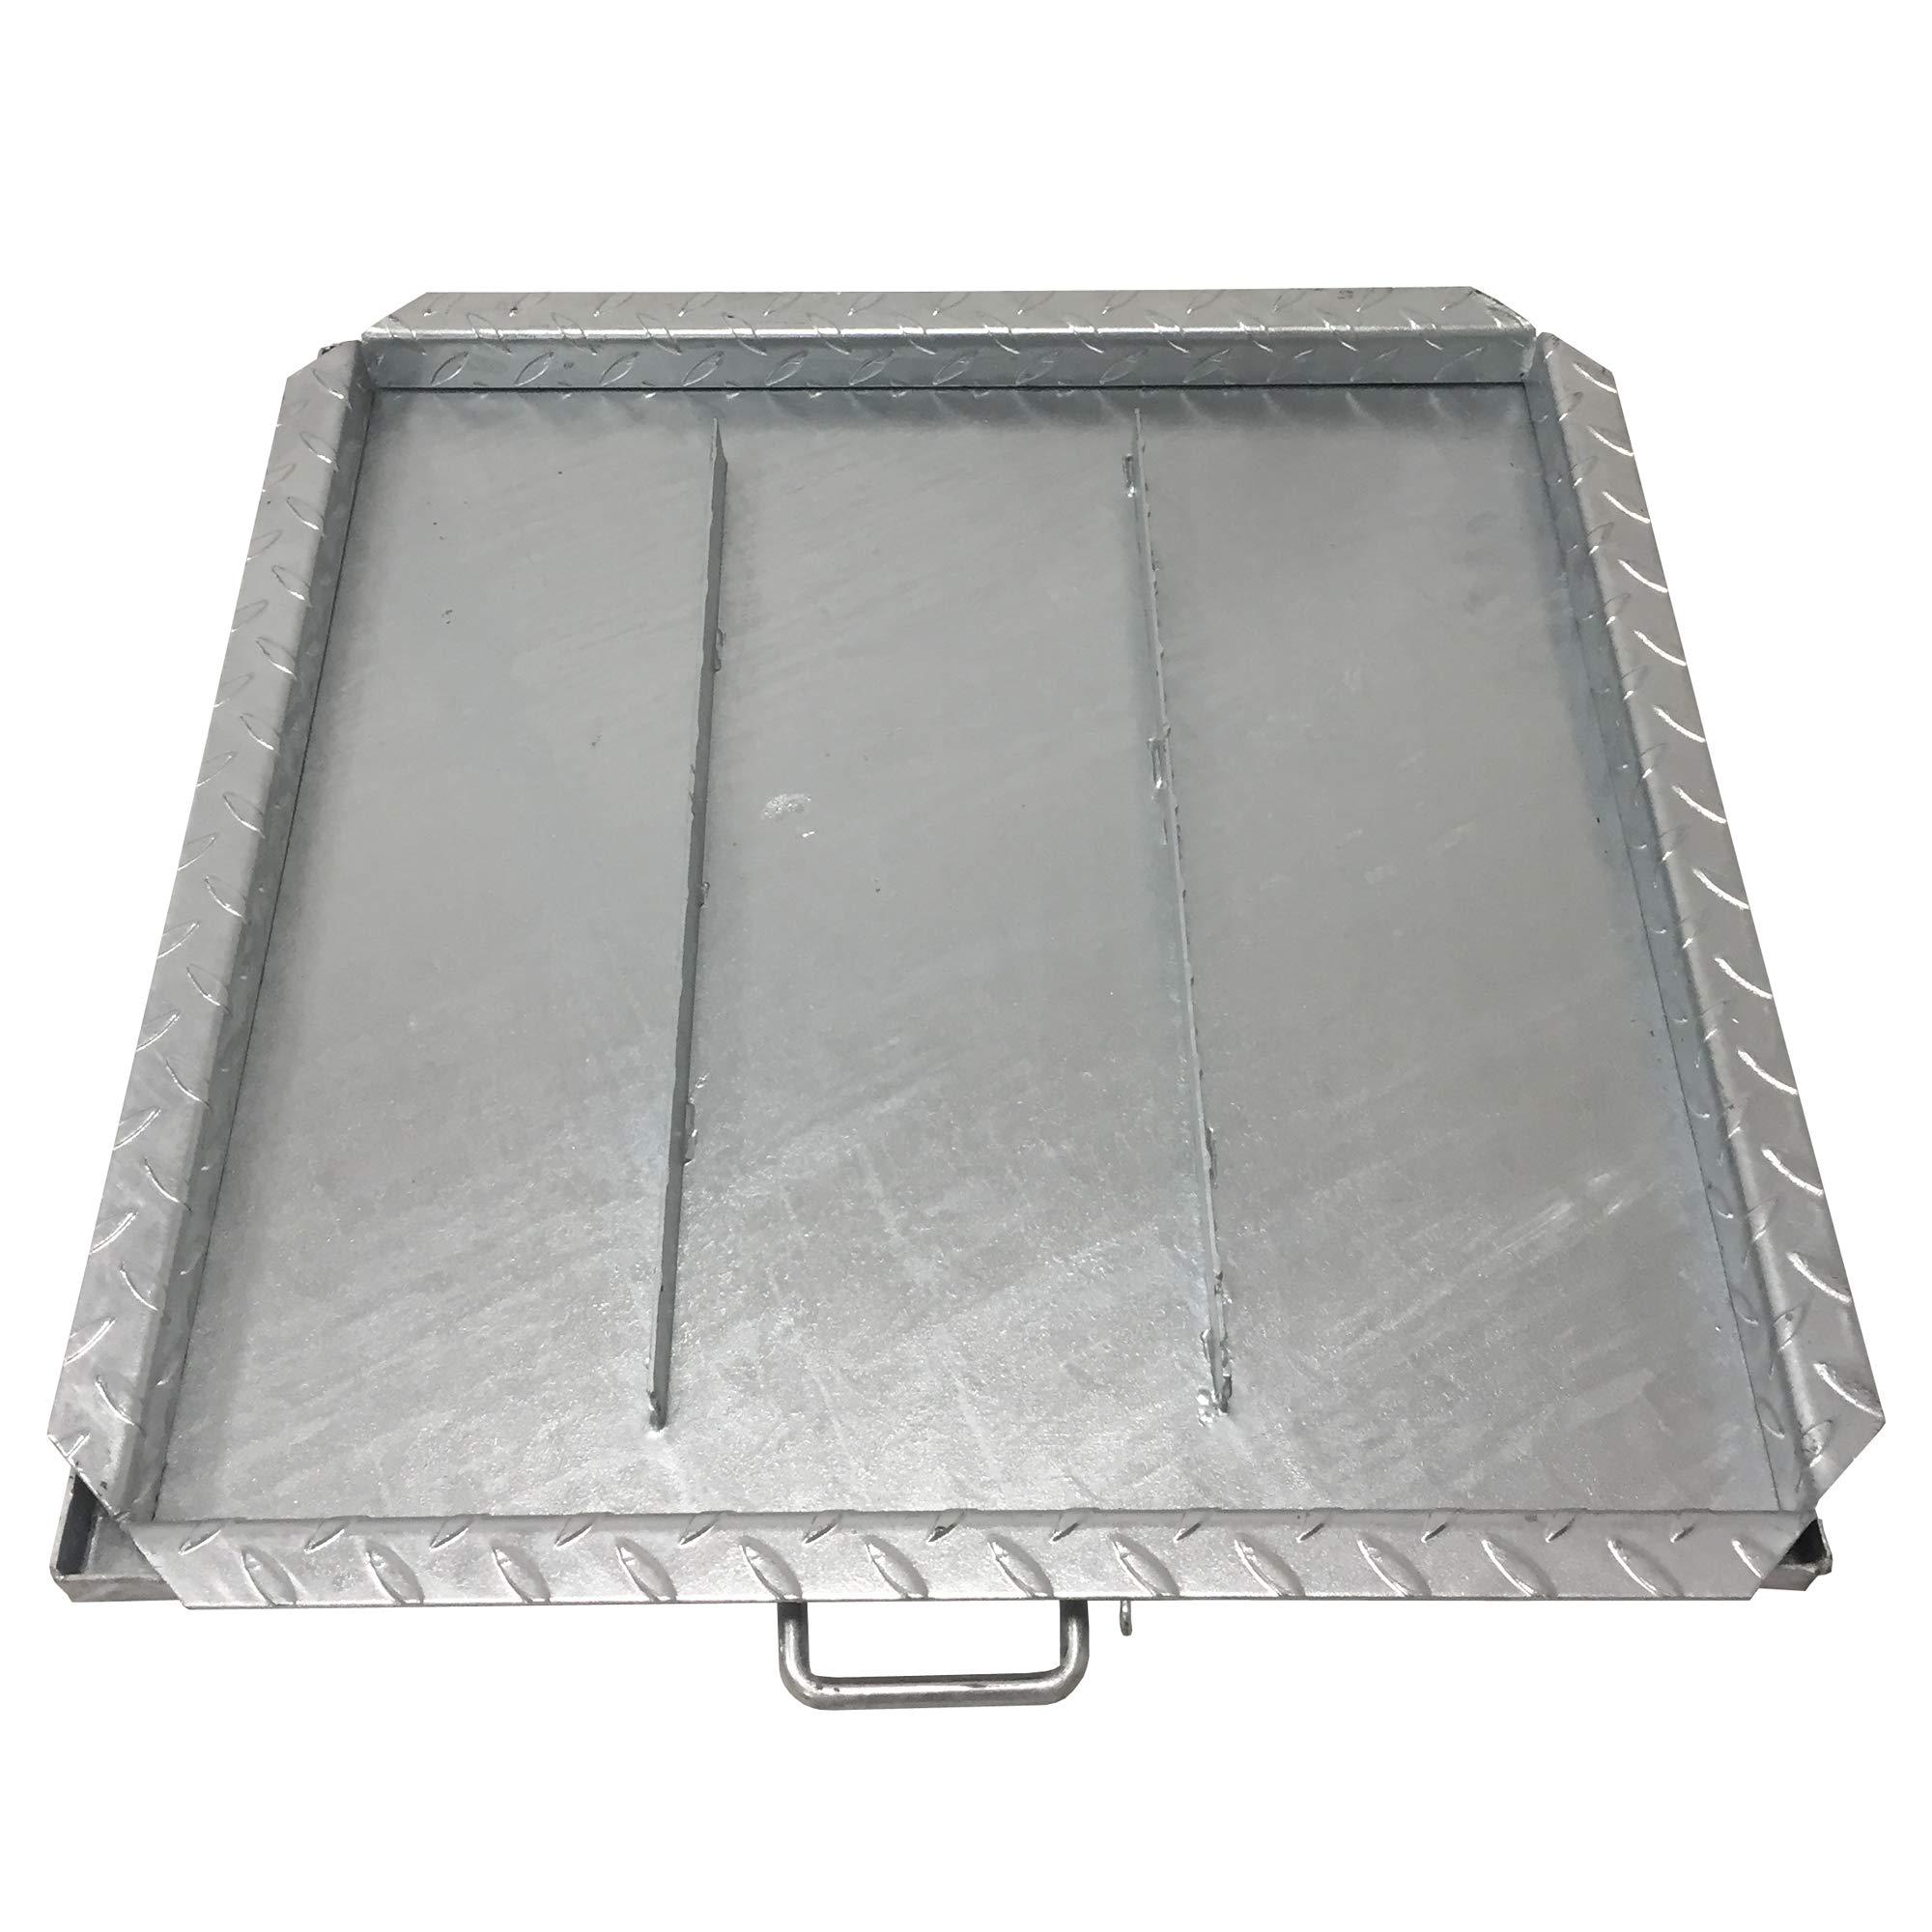 cierre de dep/ósito galvanizado y moldeado Einside Tapa de cisterna todas las dimensiones